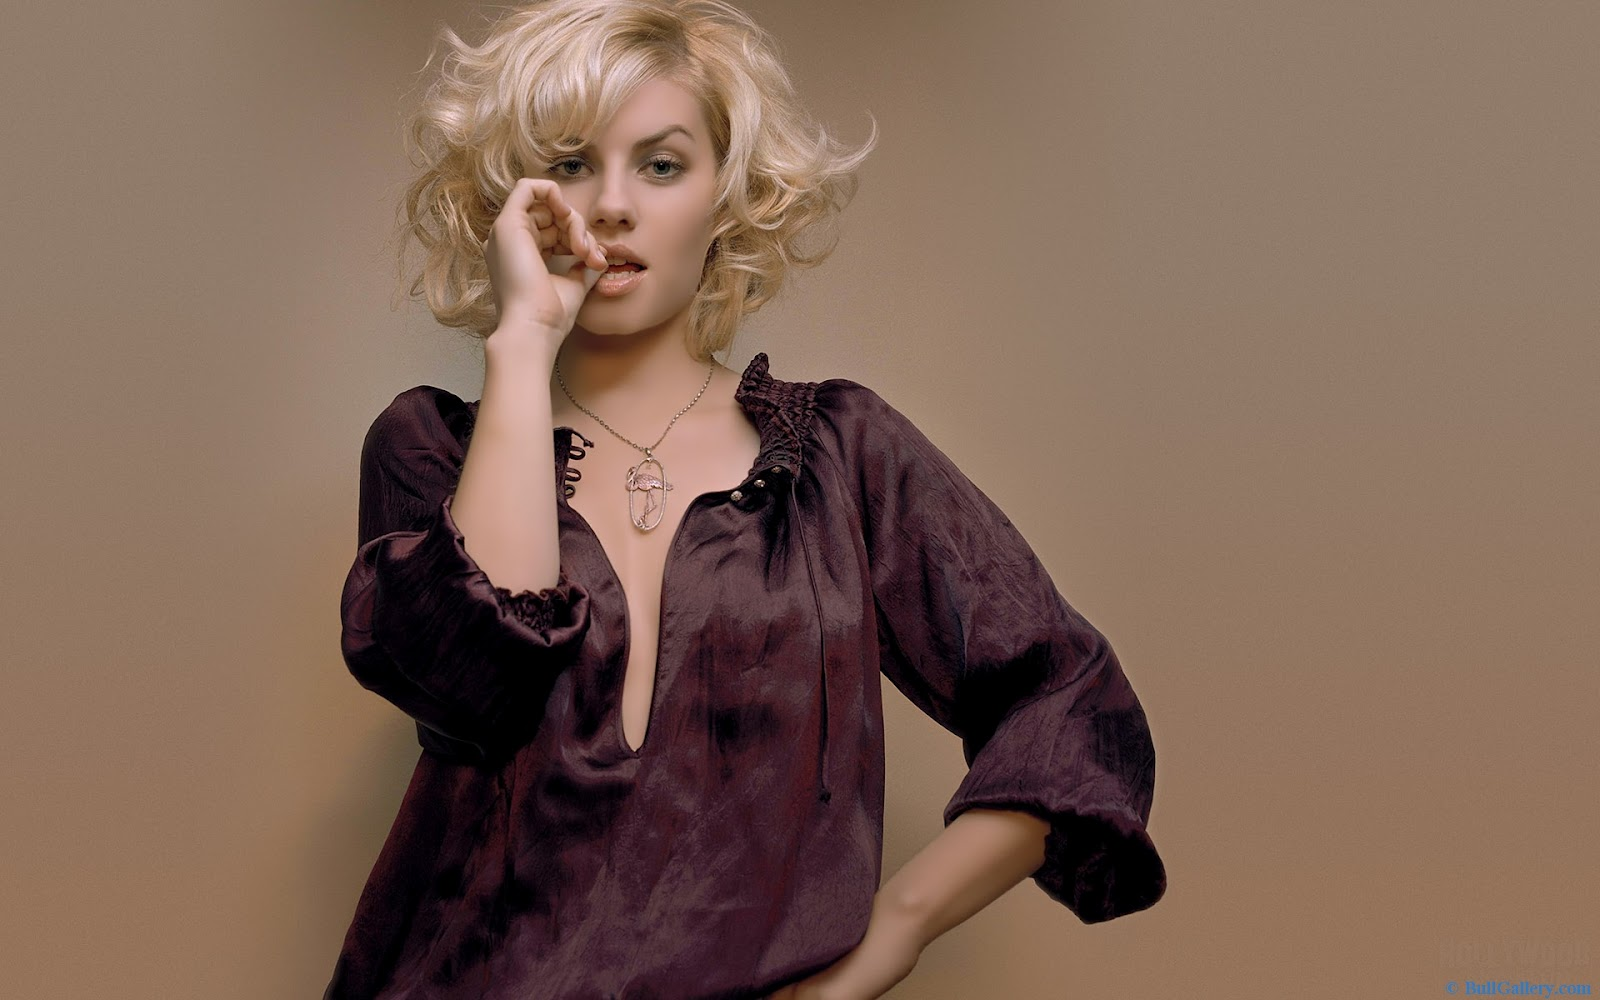 http://2.bp.blogspot.com/-59dLAhfMFA4/UDwMFp0RWUI/AAAAAAAADxY/aWguS1qhYII/s1600/Elisha-Cuthbert-Curly-Hairstyle.jpg